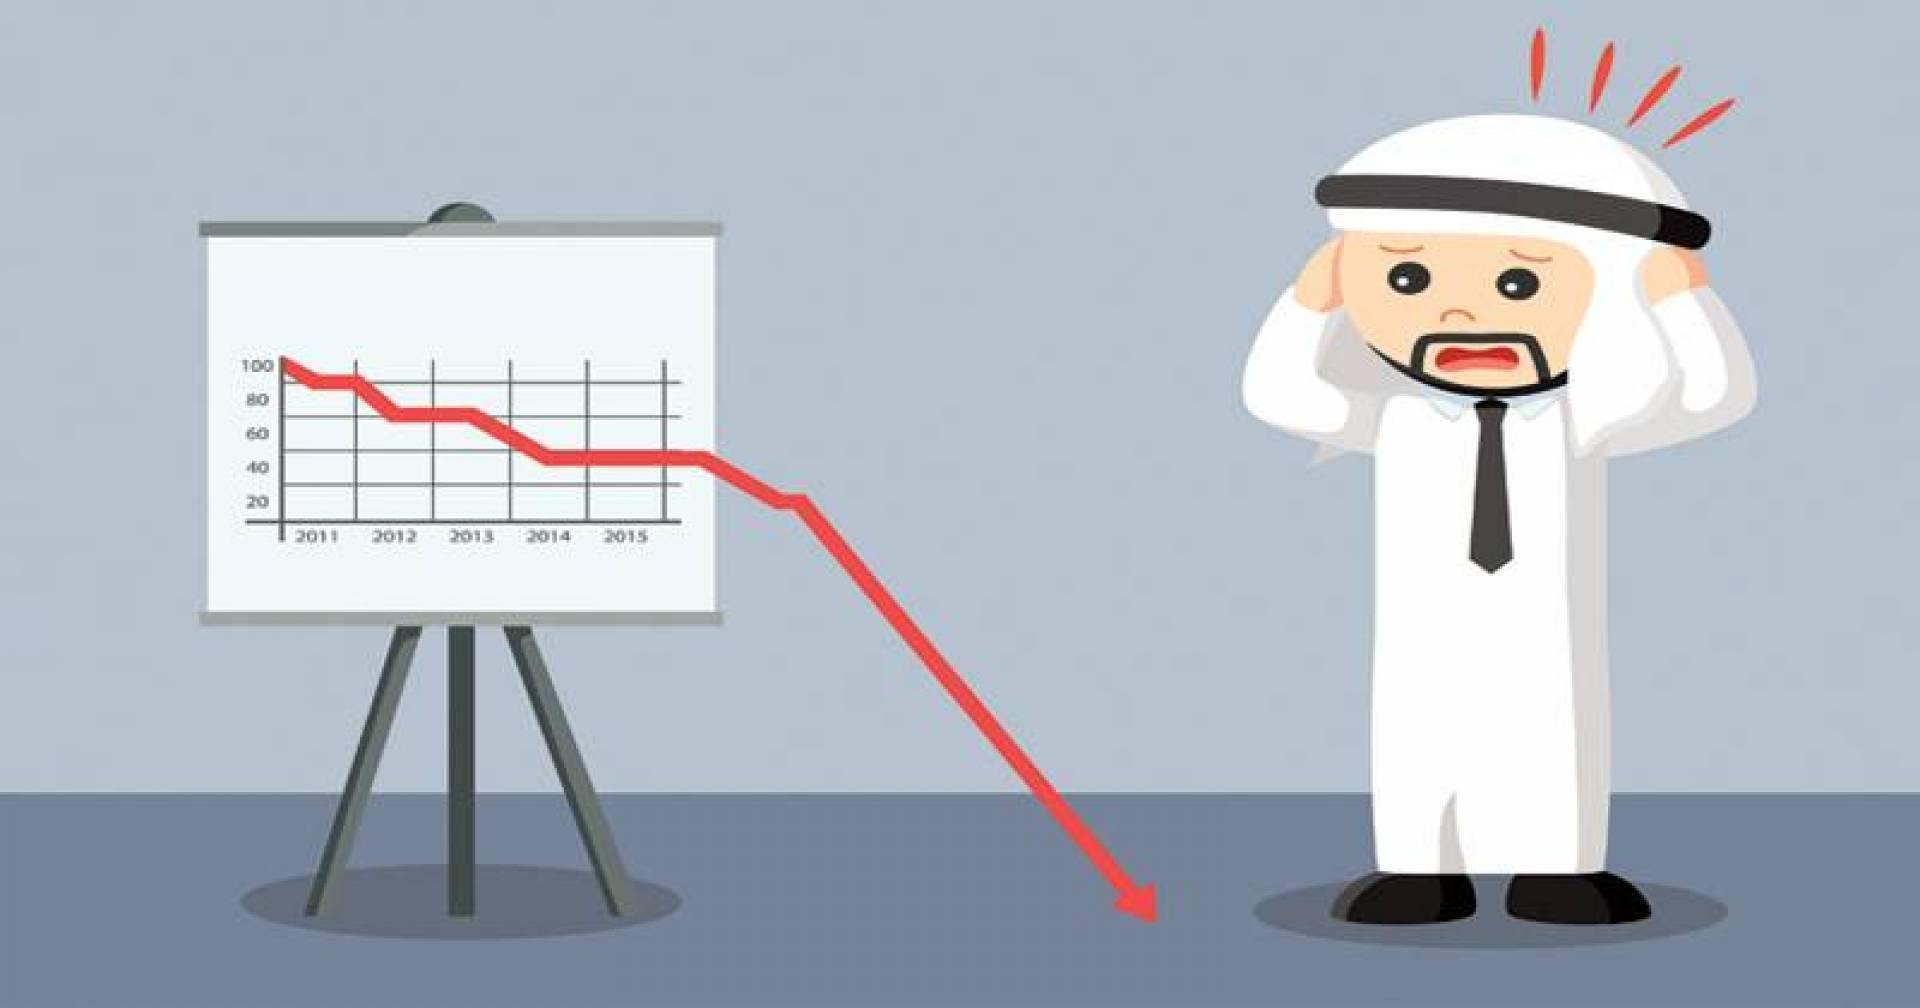 الأزمة تعصف بـ59% من مبيعات المشاريع الصغيرة والمتوسطة